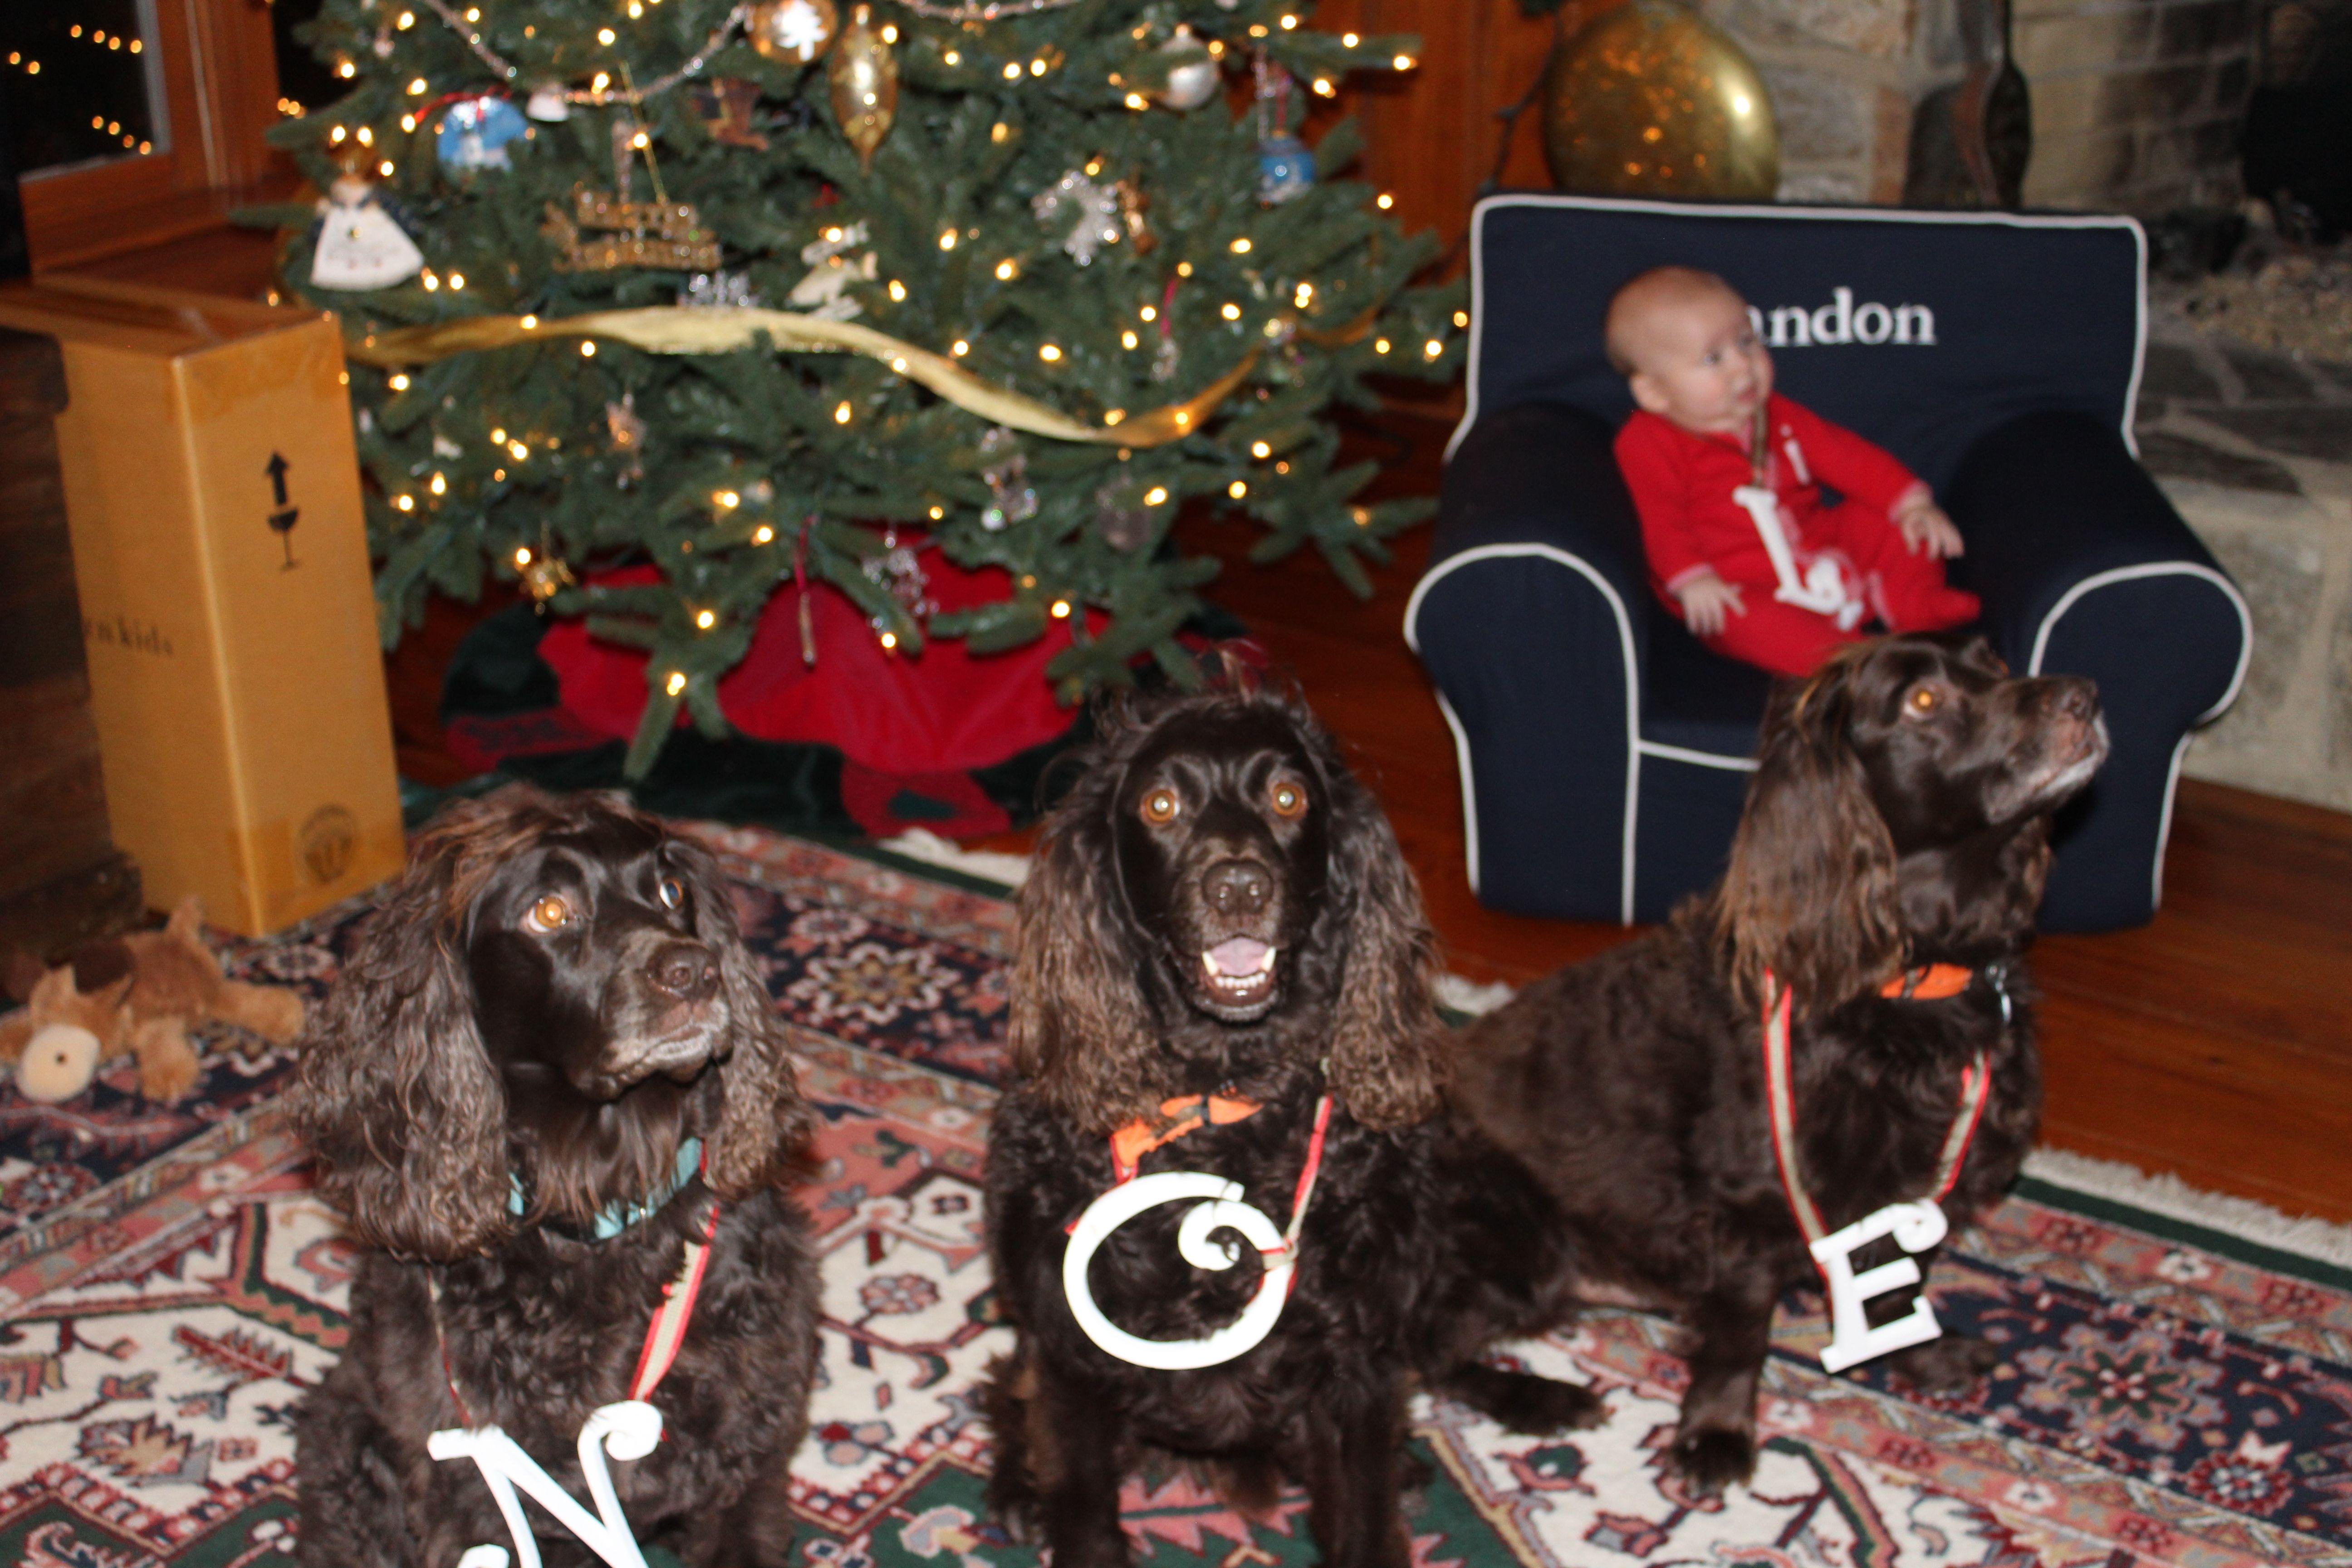 Boykin Spaniel Puppies For Sale Under $500 Ideas